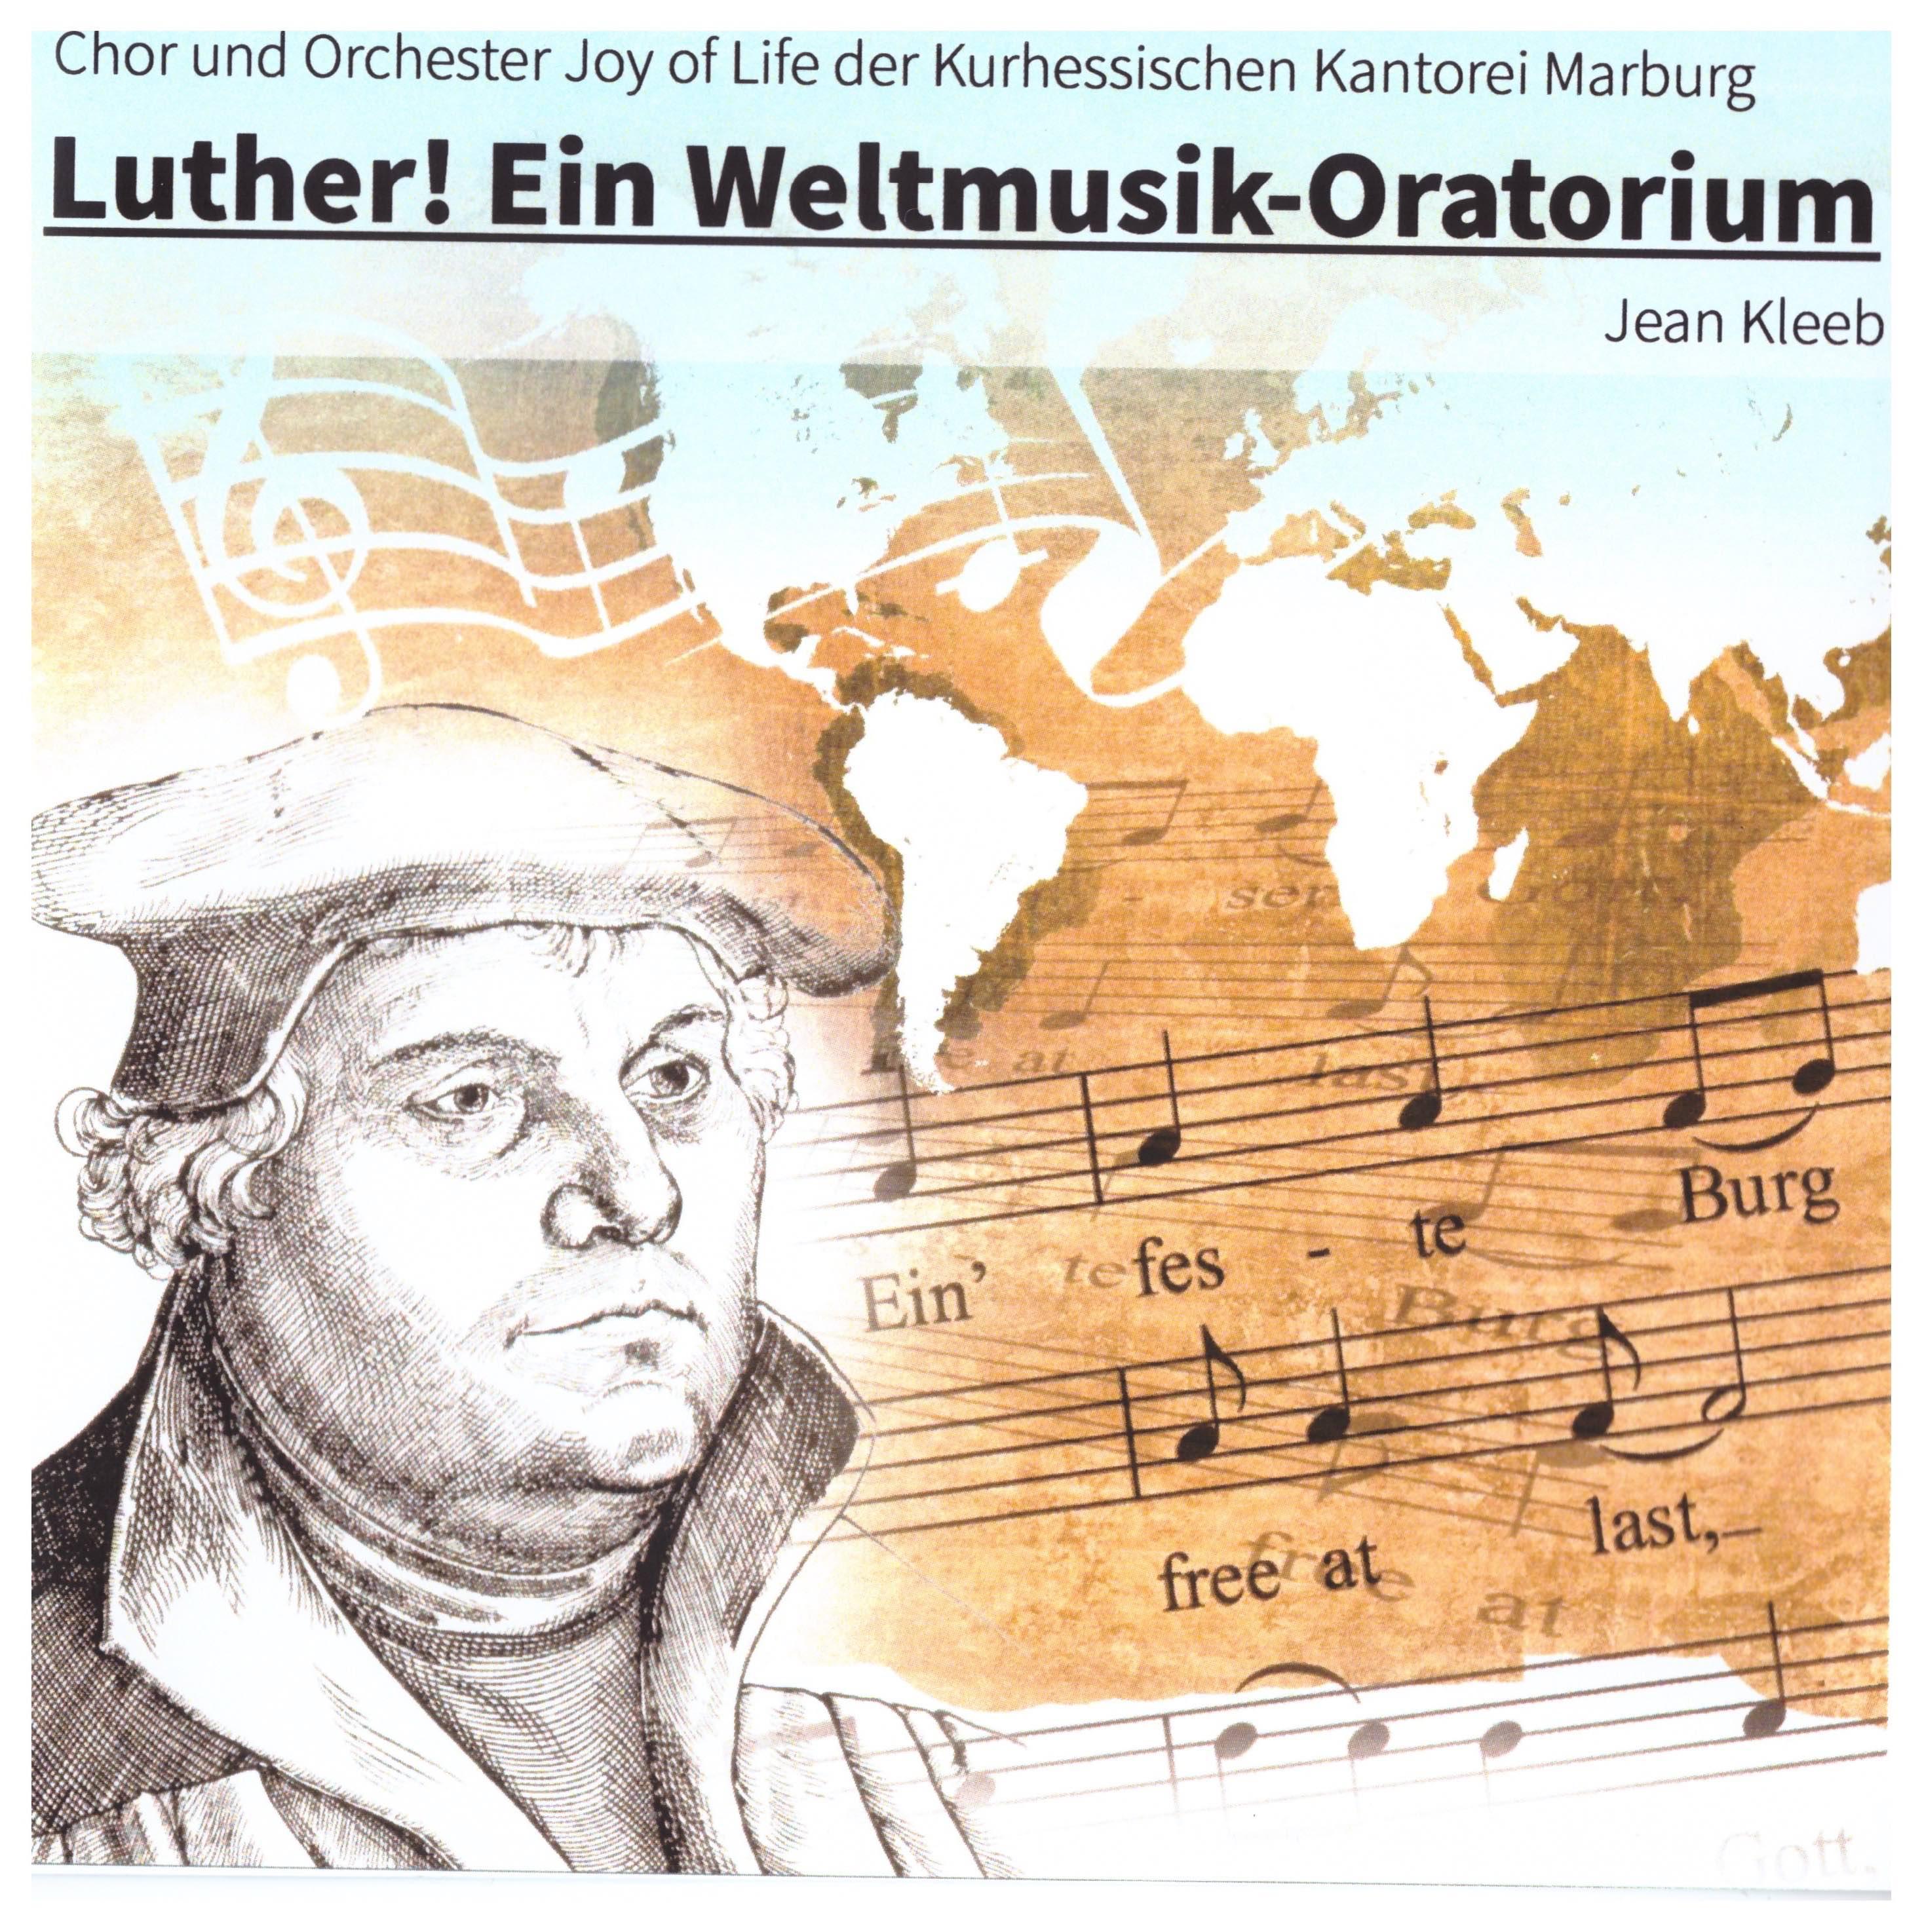 9.Luther_Ein_Weltmusik_Oratorium.jpg